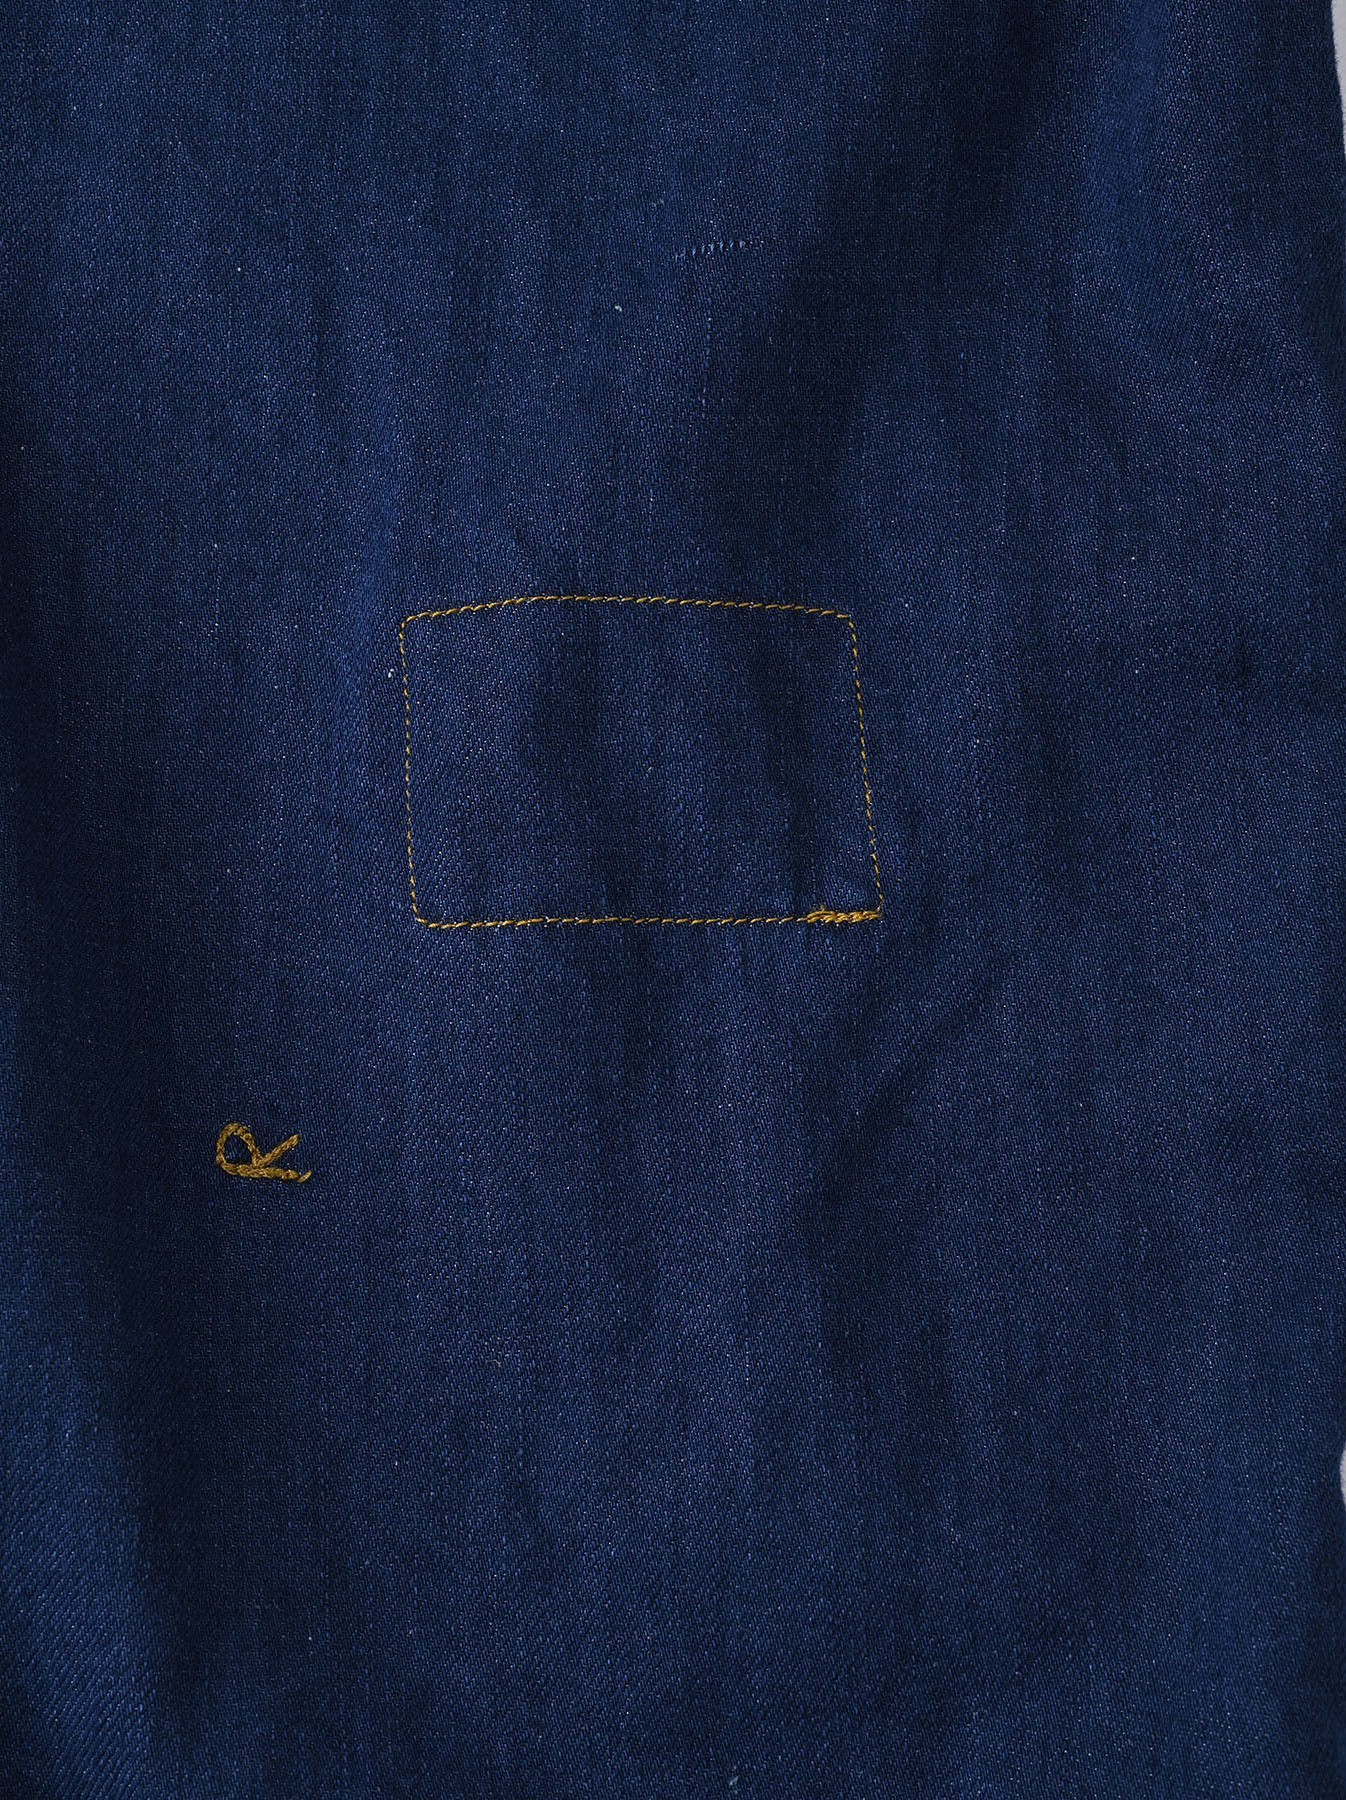 Komugi Denim 908 Ocean Smock (0621)-11